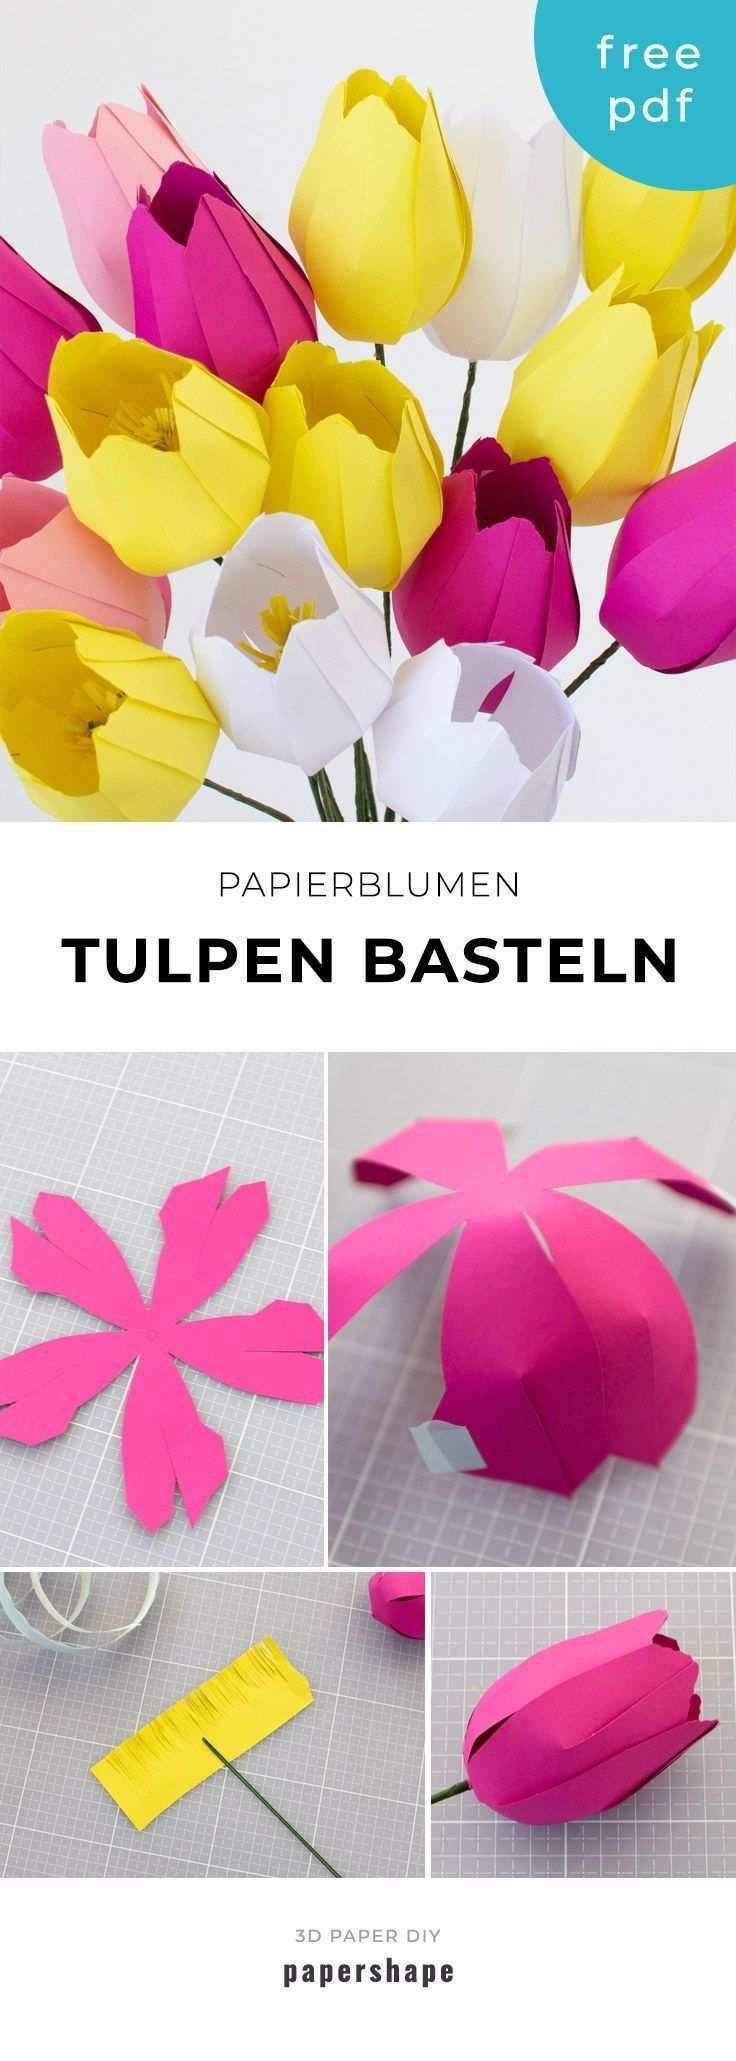 Papier Blumen Basteln Einfache Tulpen Mit Vorlage Blumen Basteln Aus Papier Papierblumen Basteln Blumen Basteln